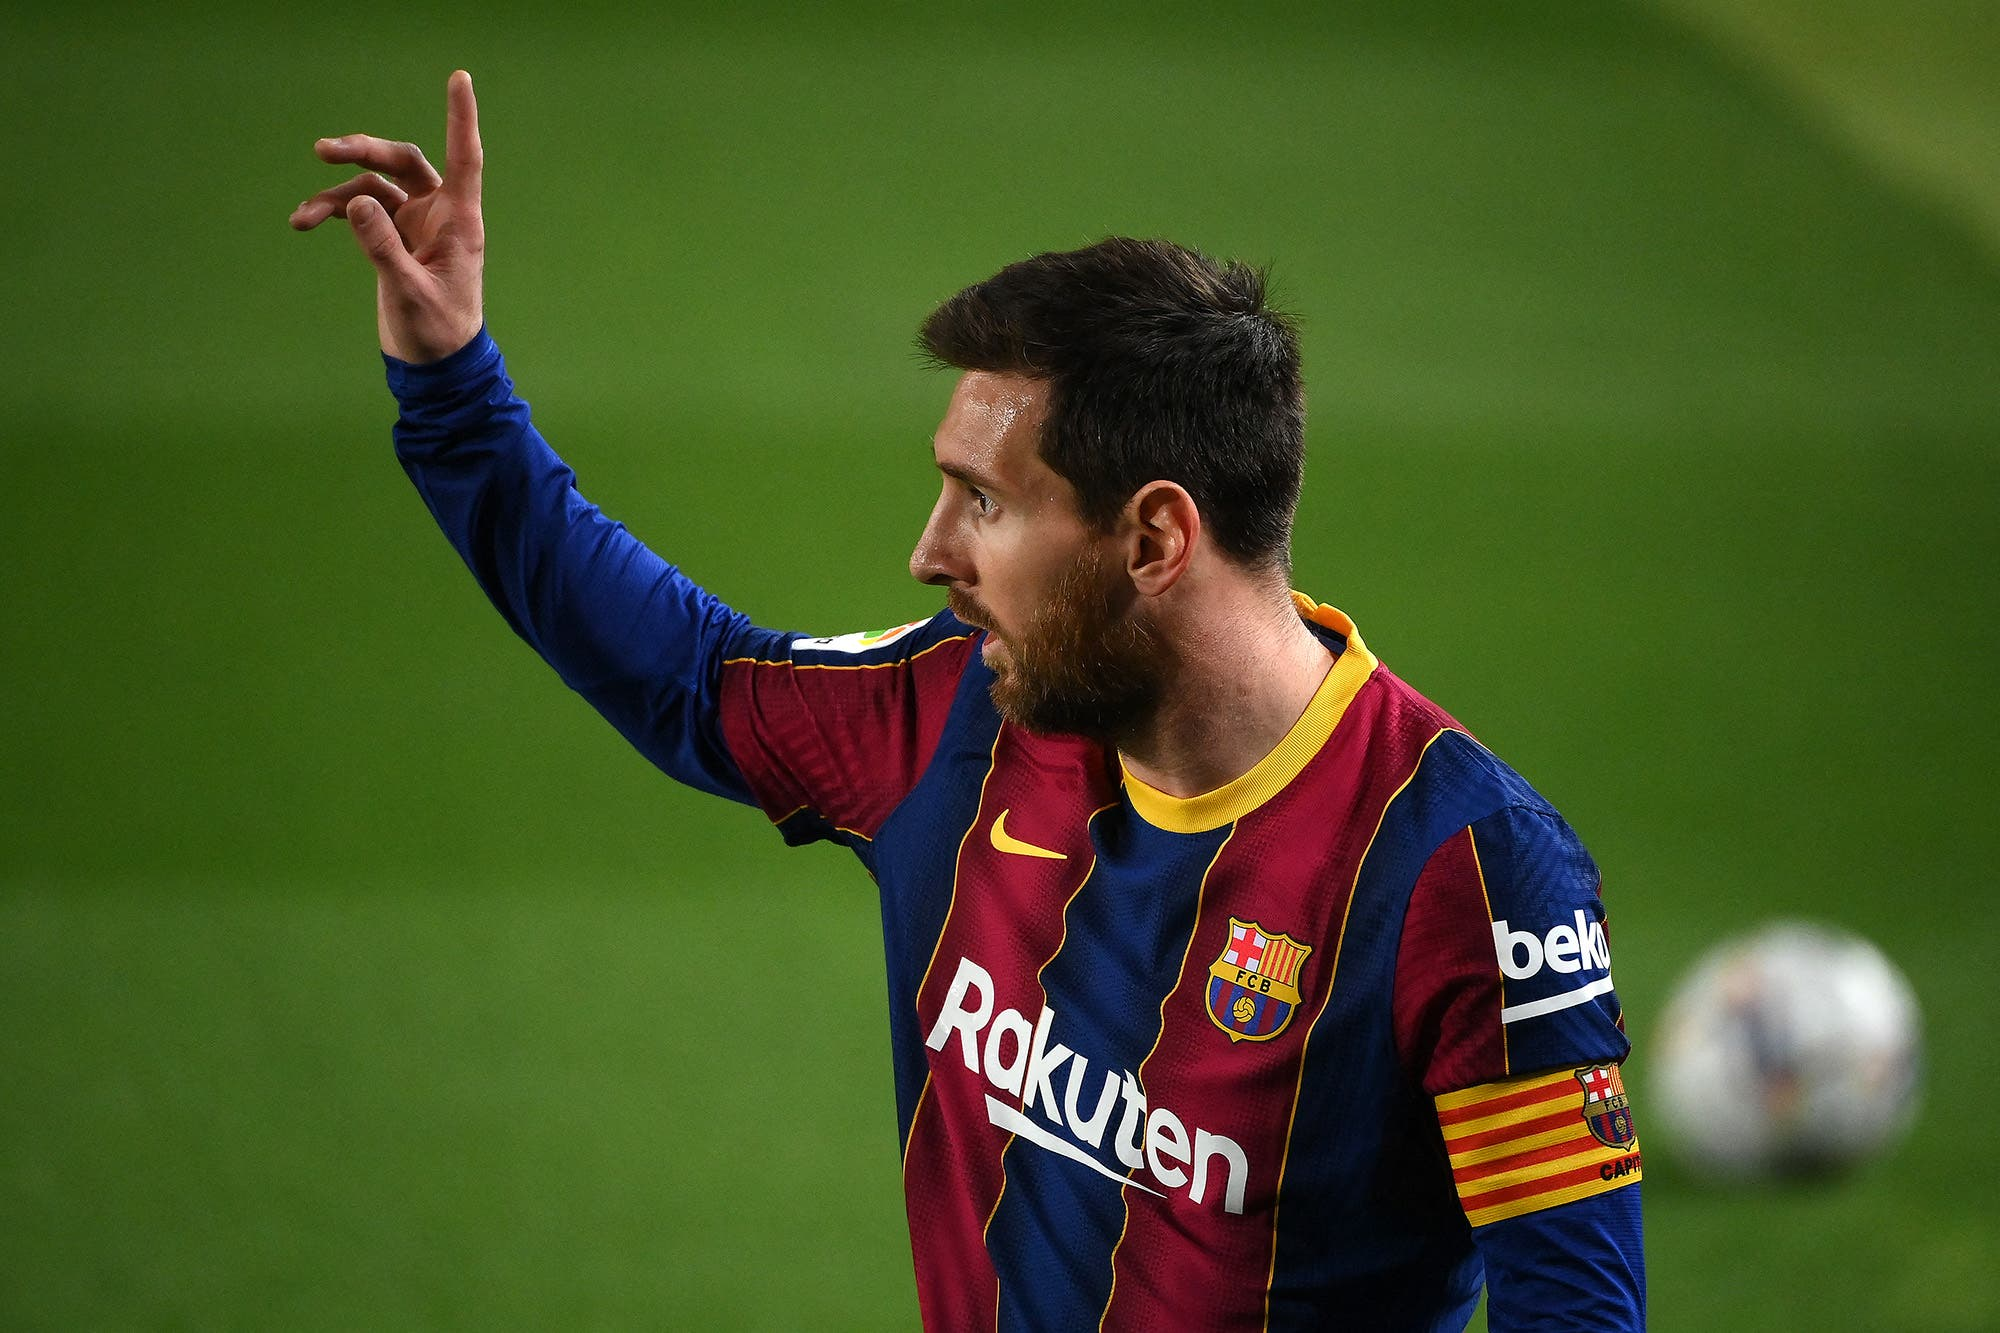 barcelona-sufre:-no-es-seguro-que-le-alcance-messi-para-ganar-un-titulo,-pero-sabe-que-sin-messi-es-imposible